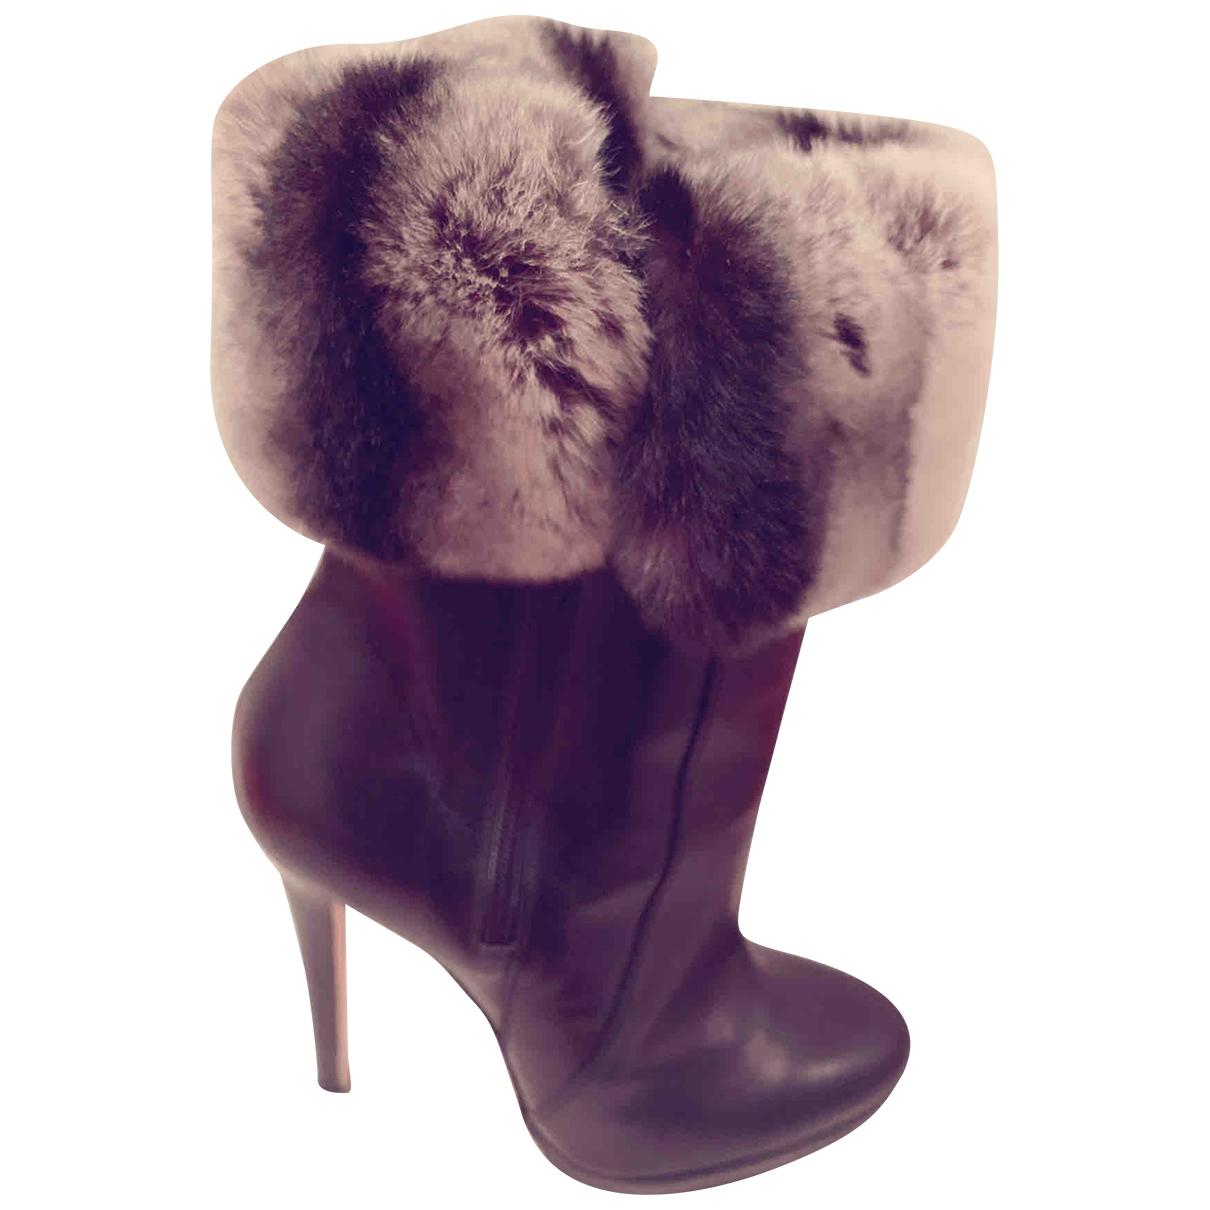 Oscar De La Renta \N Black Fur Ankle boots for Women 36.5 IT